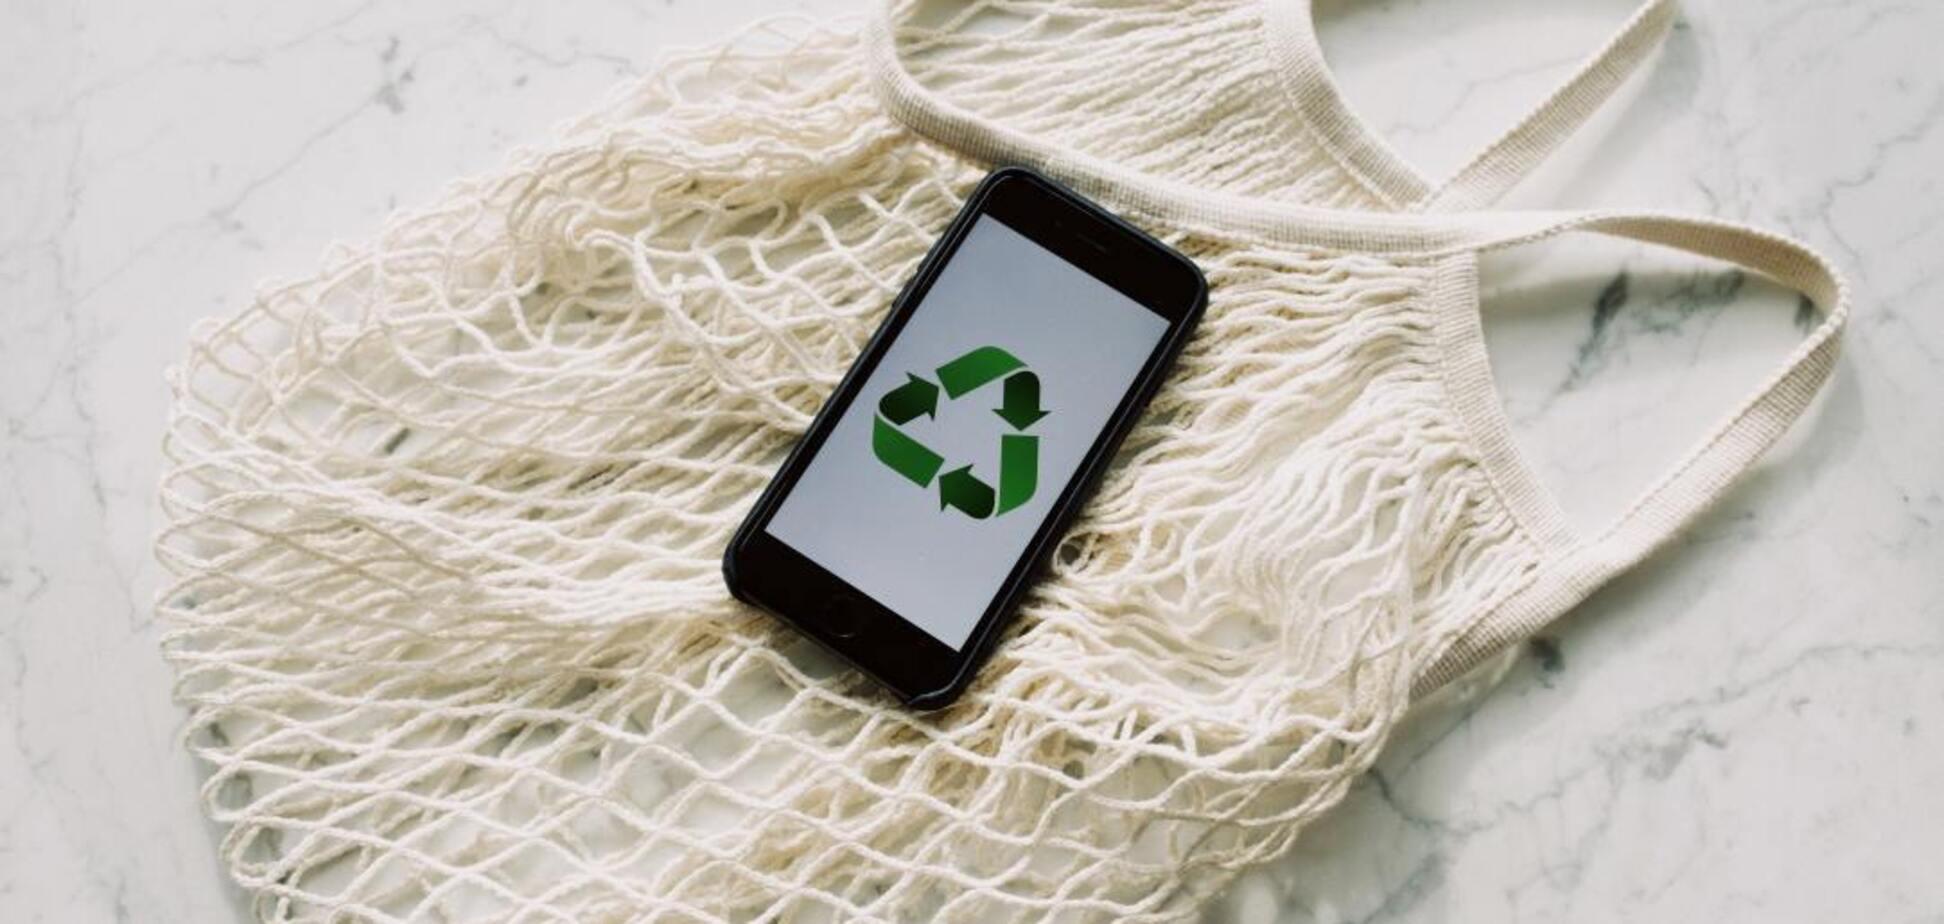 Может ли быть прибыльным 'зеленый бизнес'?